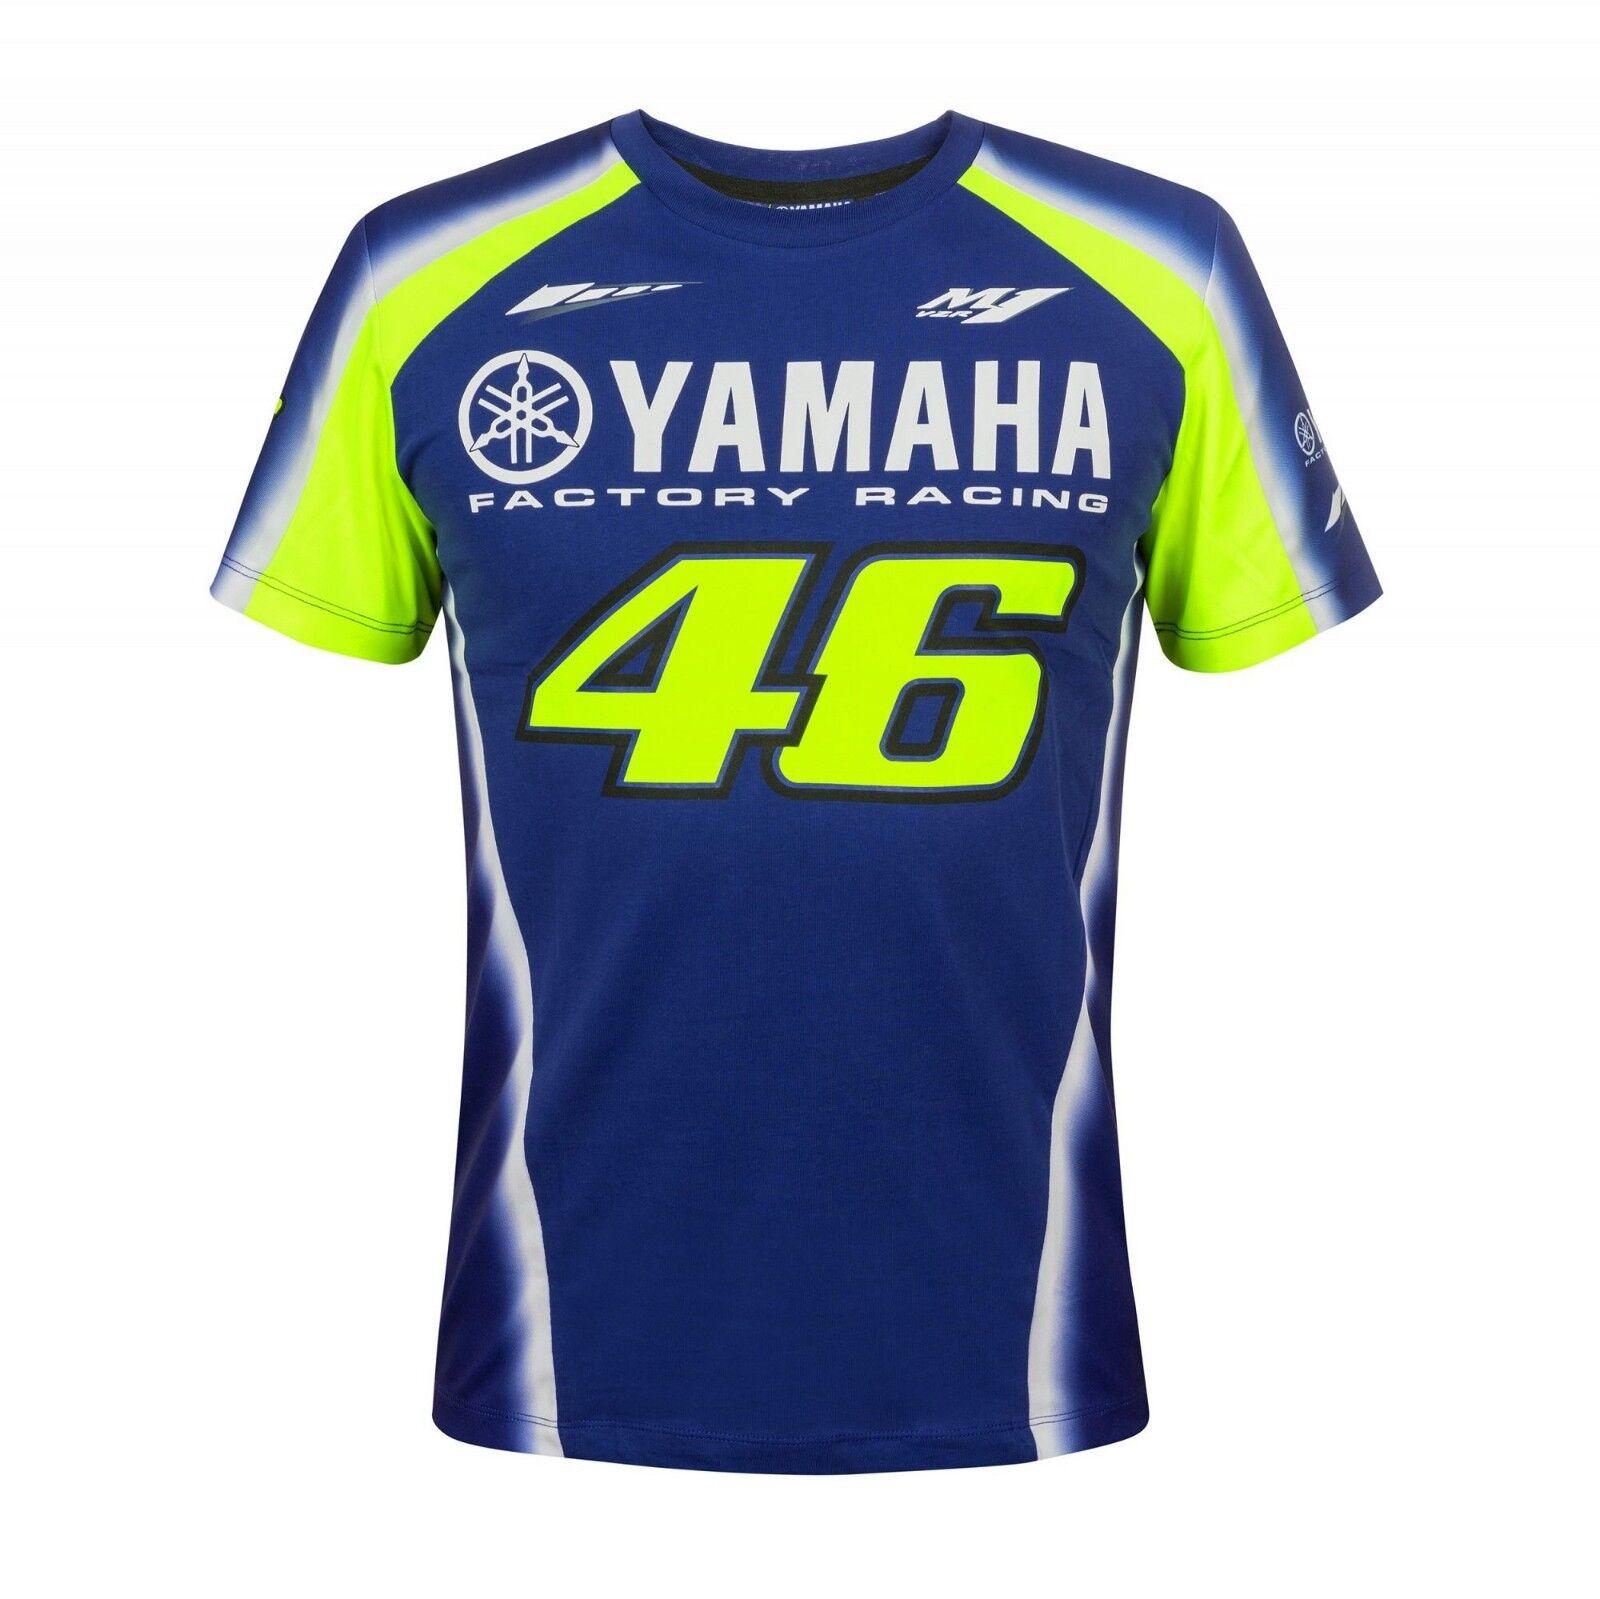 VR 46 - Valentino Rossi Herren T-Shirt - - - Yamaha Racing 2018 - Gr. S - XXL | Shop Düsseldorf  | Haltbarer Service  | Sorgfältig ausgewählte Materialien  eef809